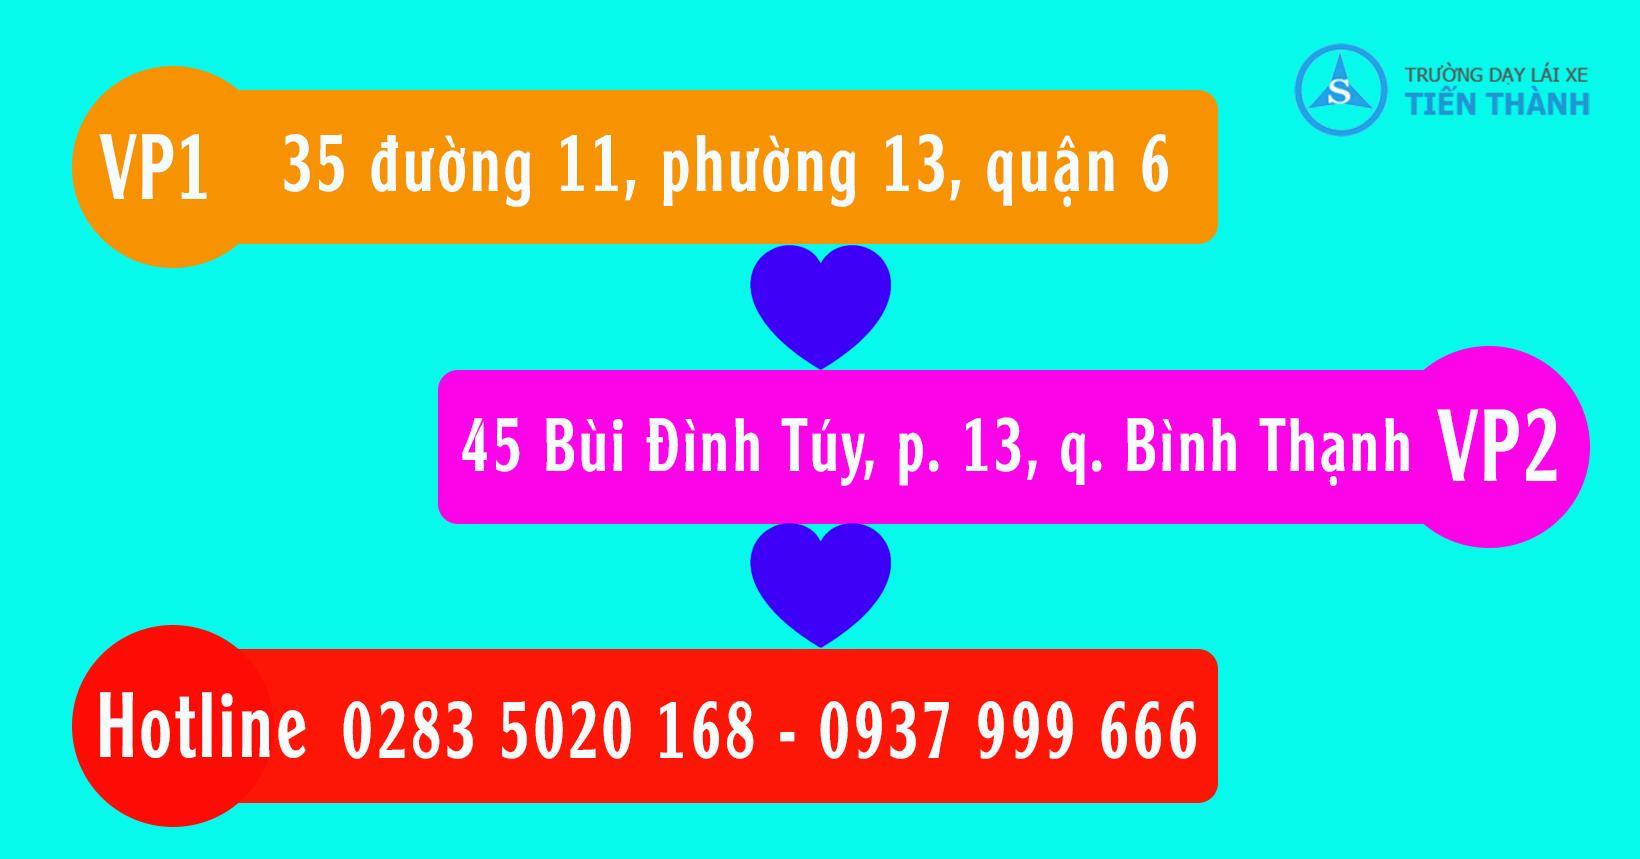 địa chỉ văn phòng ghi danh trường dạy lái xe quận Tân Bình